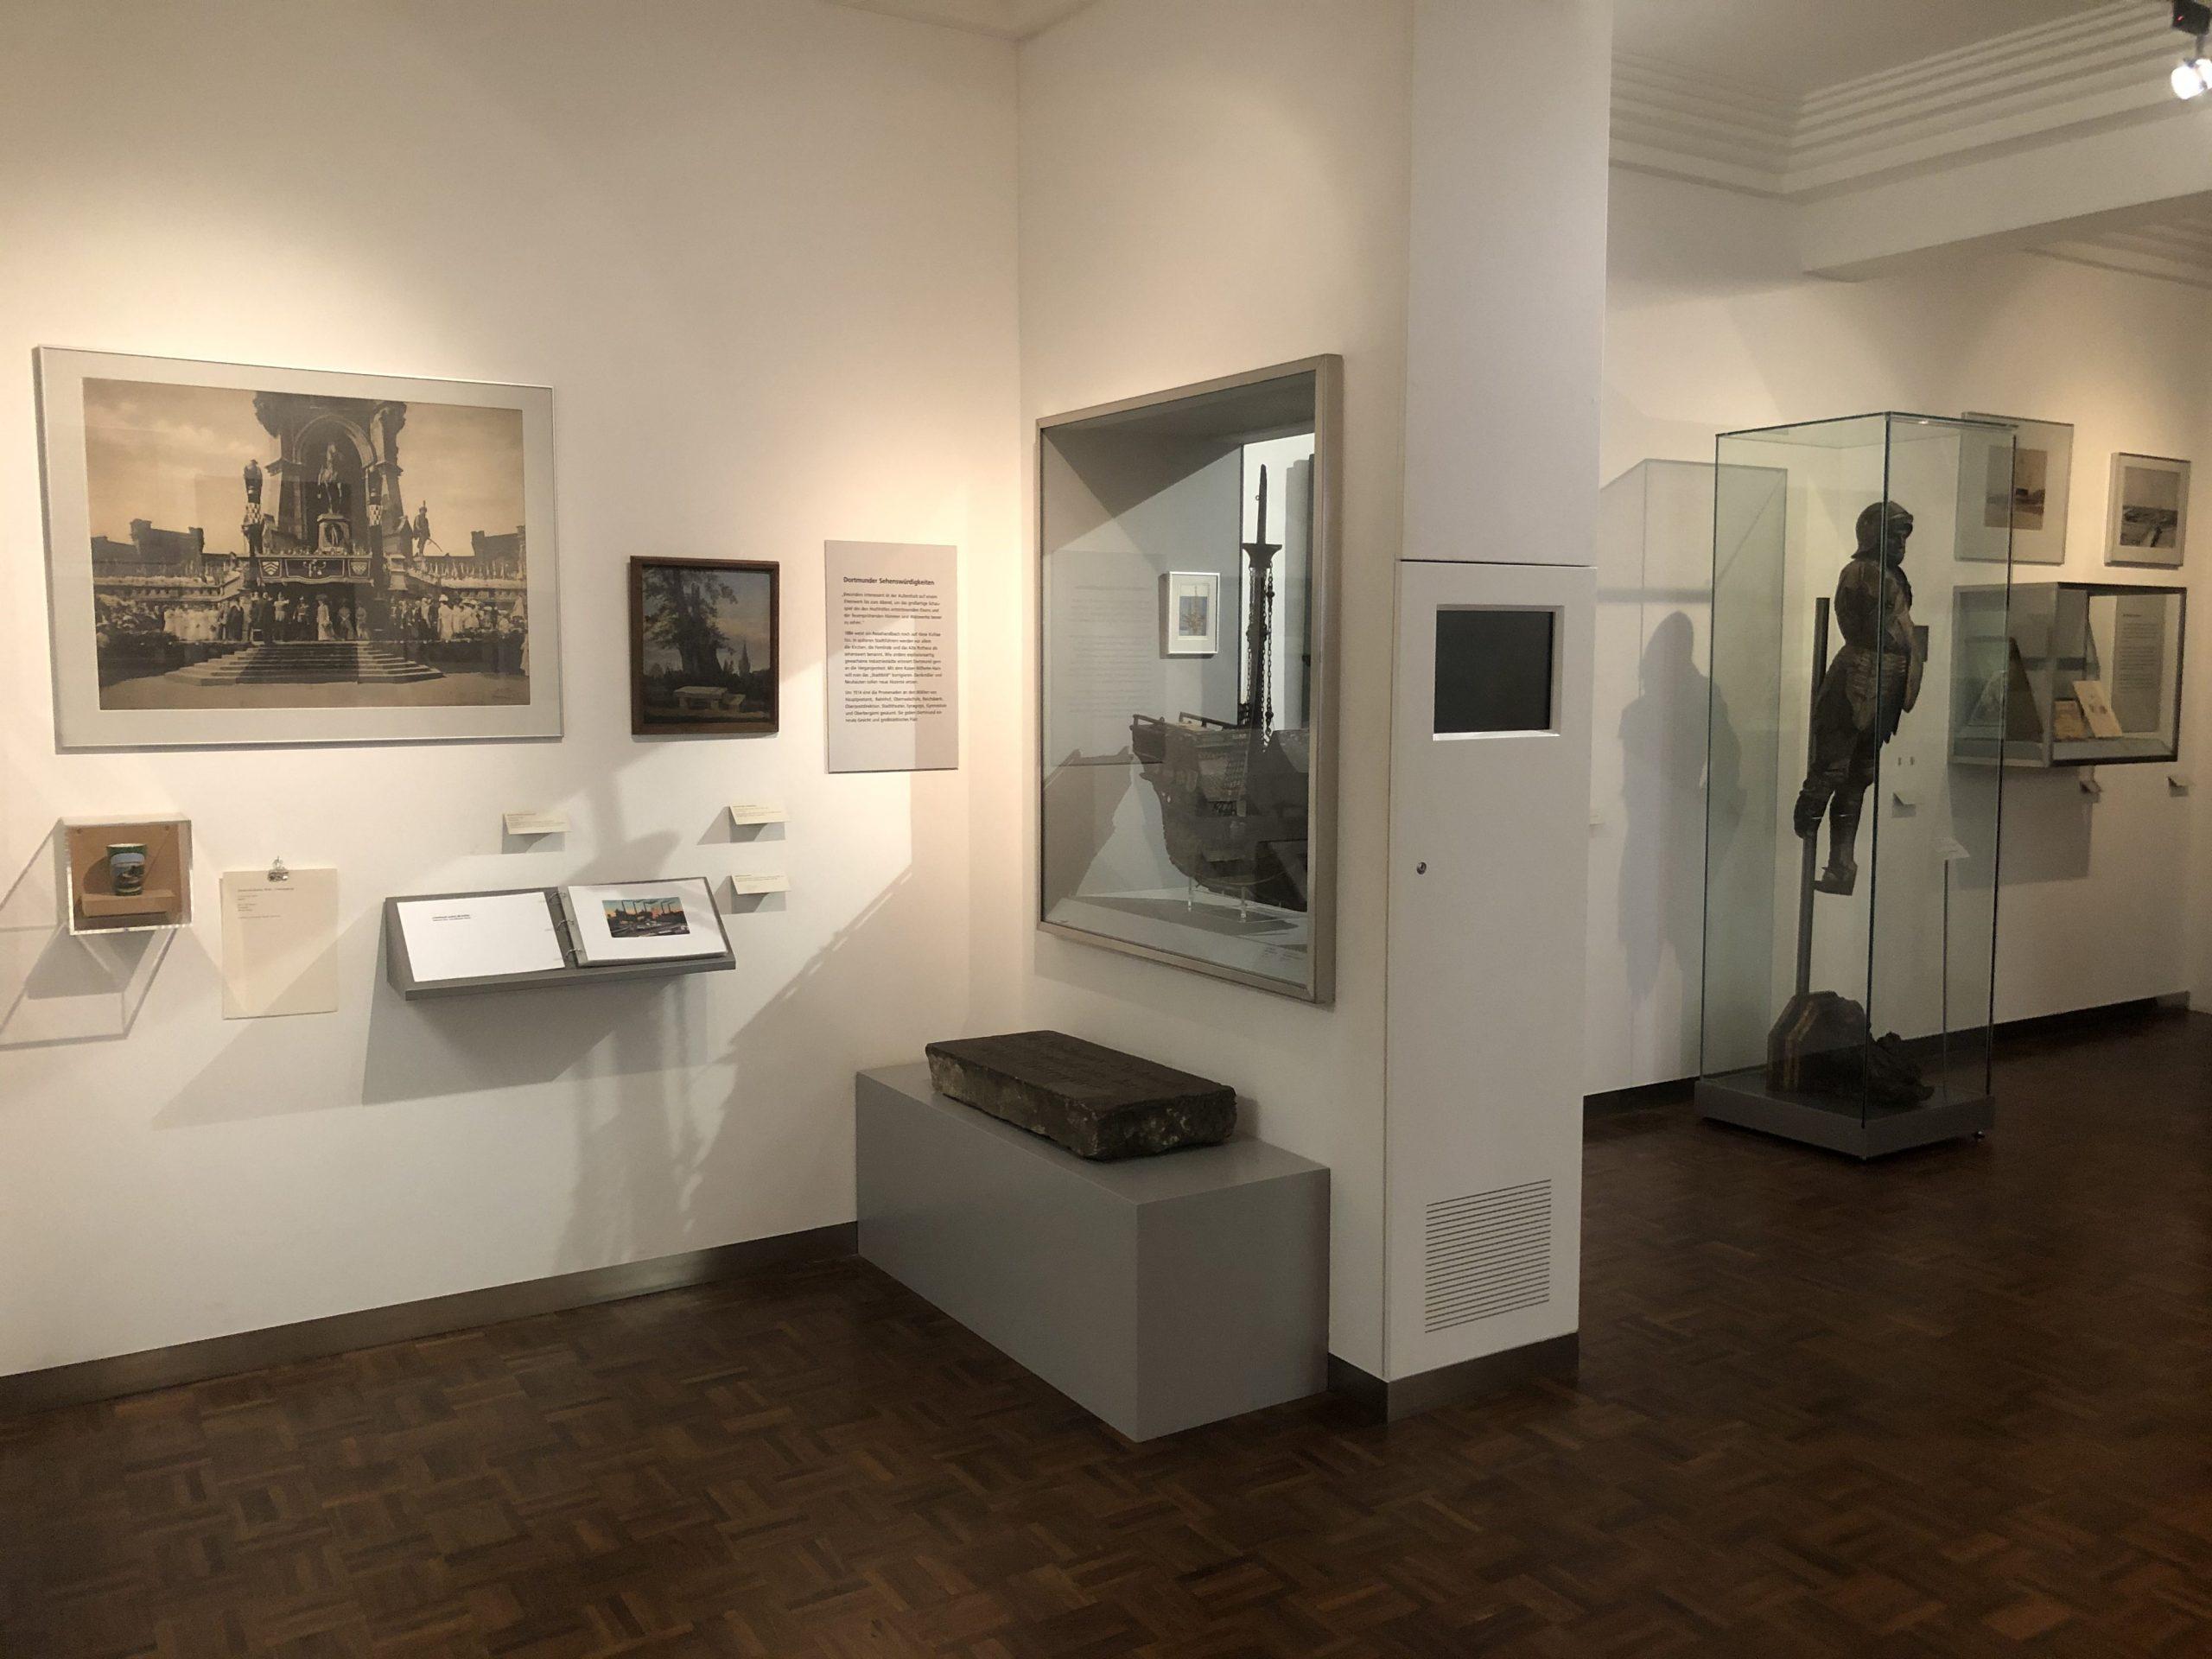 """Kaiserzeitliches Dortmund im Ausstellungsbereich """"Die Neue Stadt"""" im Museum für Kunst und Kulturgeschichte (MKK), Dortmund"""